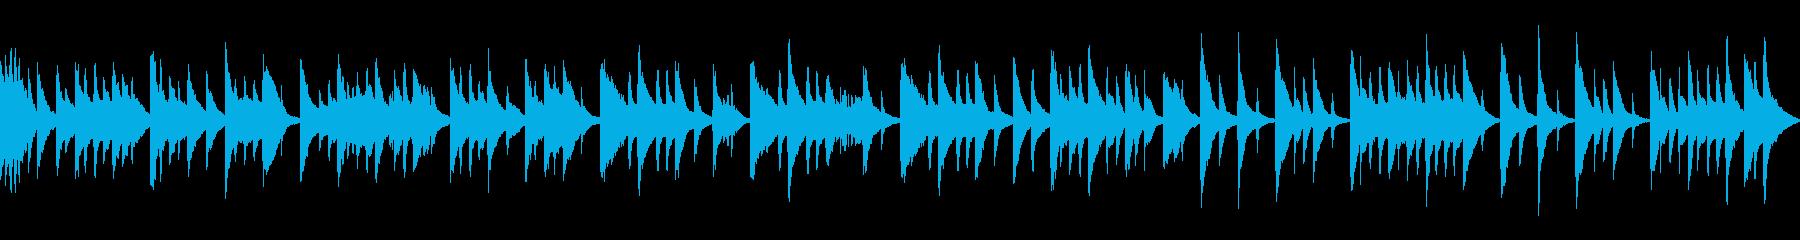 落ち着いた和風な曲 (ループ)の再生済みの波形